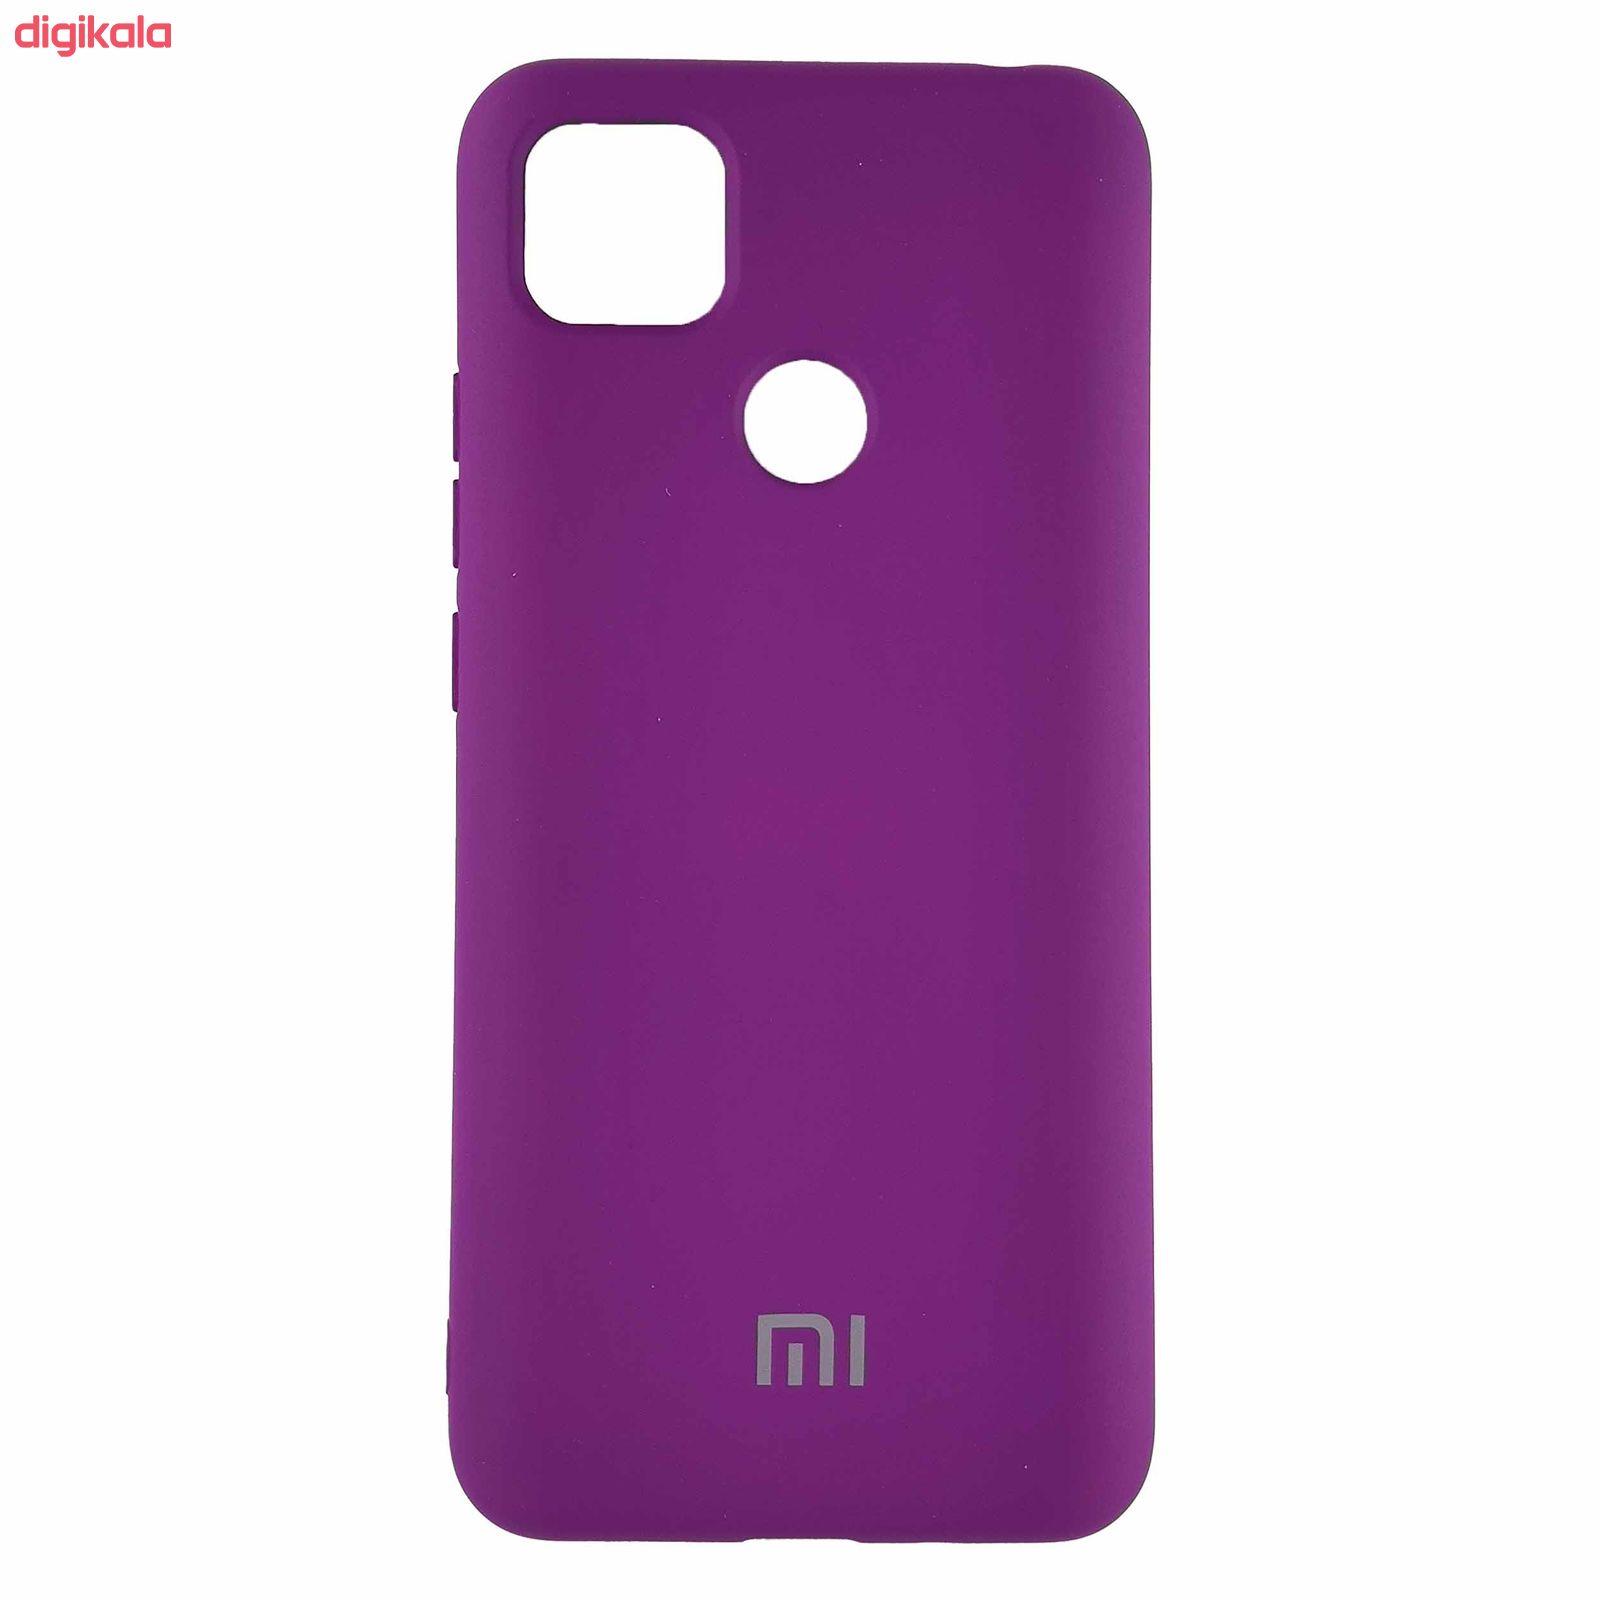 کاور مدل SLIKNI مناسب برای گوشی موبایل شیائومی Redmi 9c main 1 11